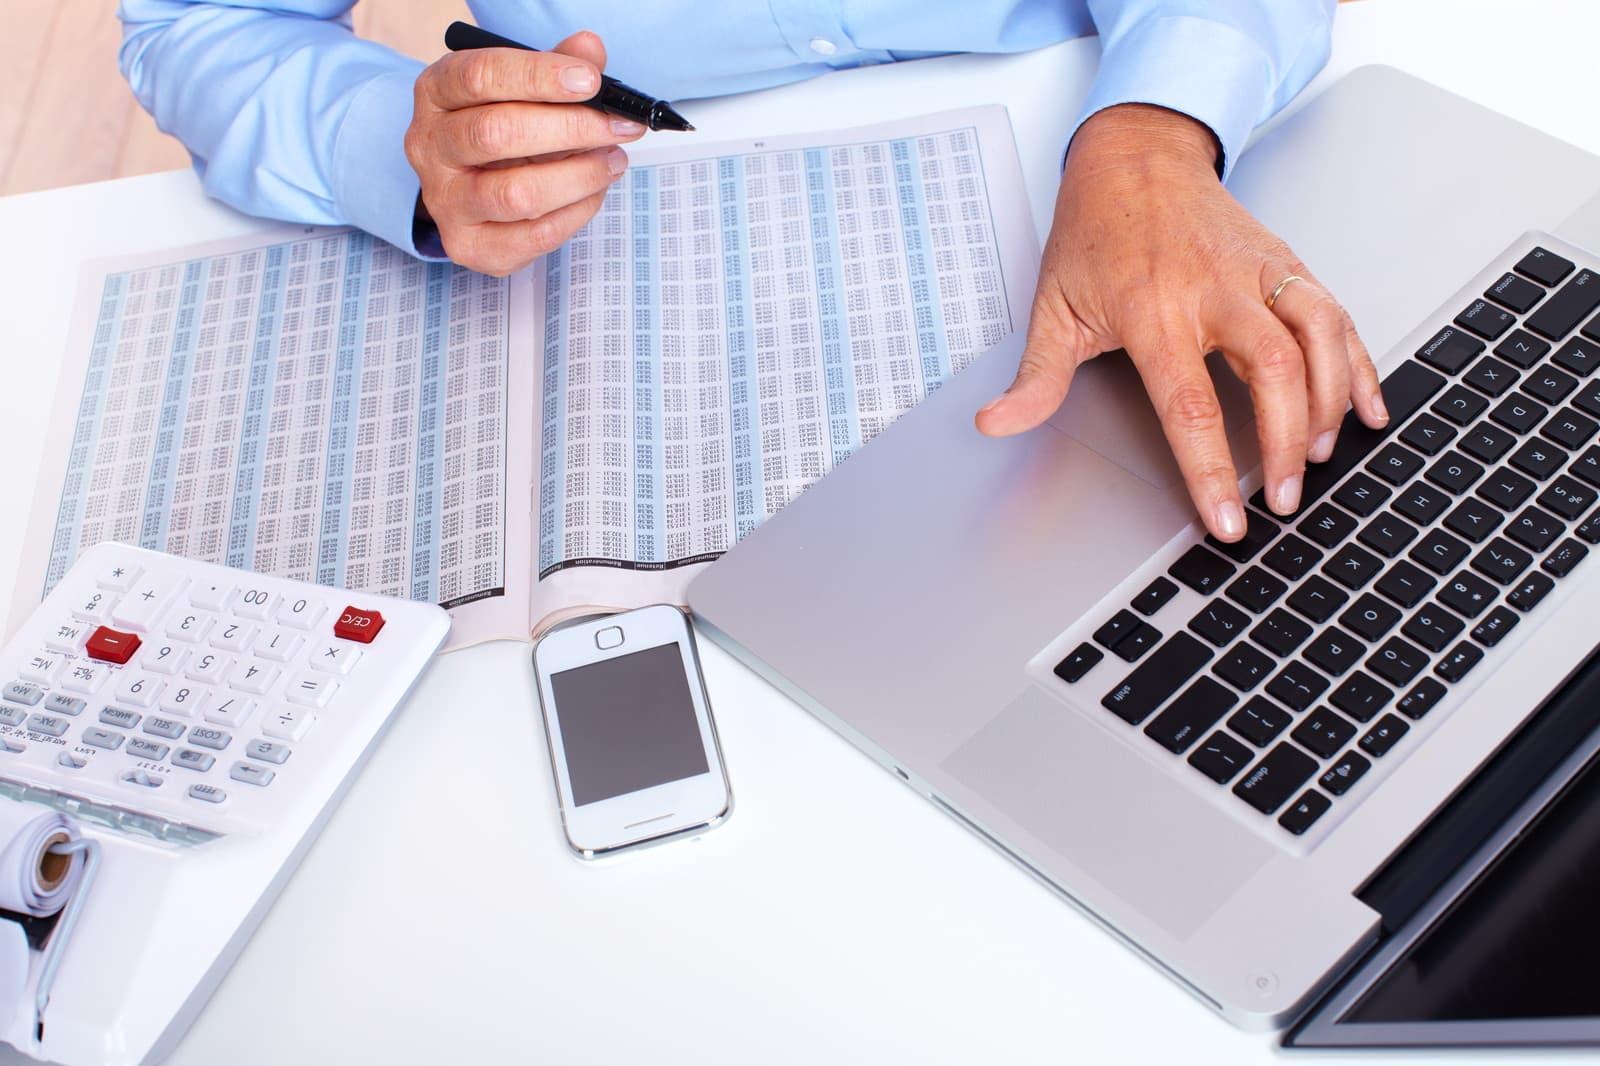 Бухгалтерский блог 1с в помощь бухгалтеру